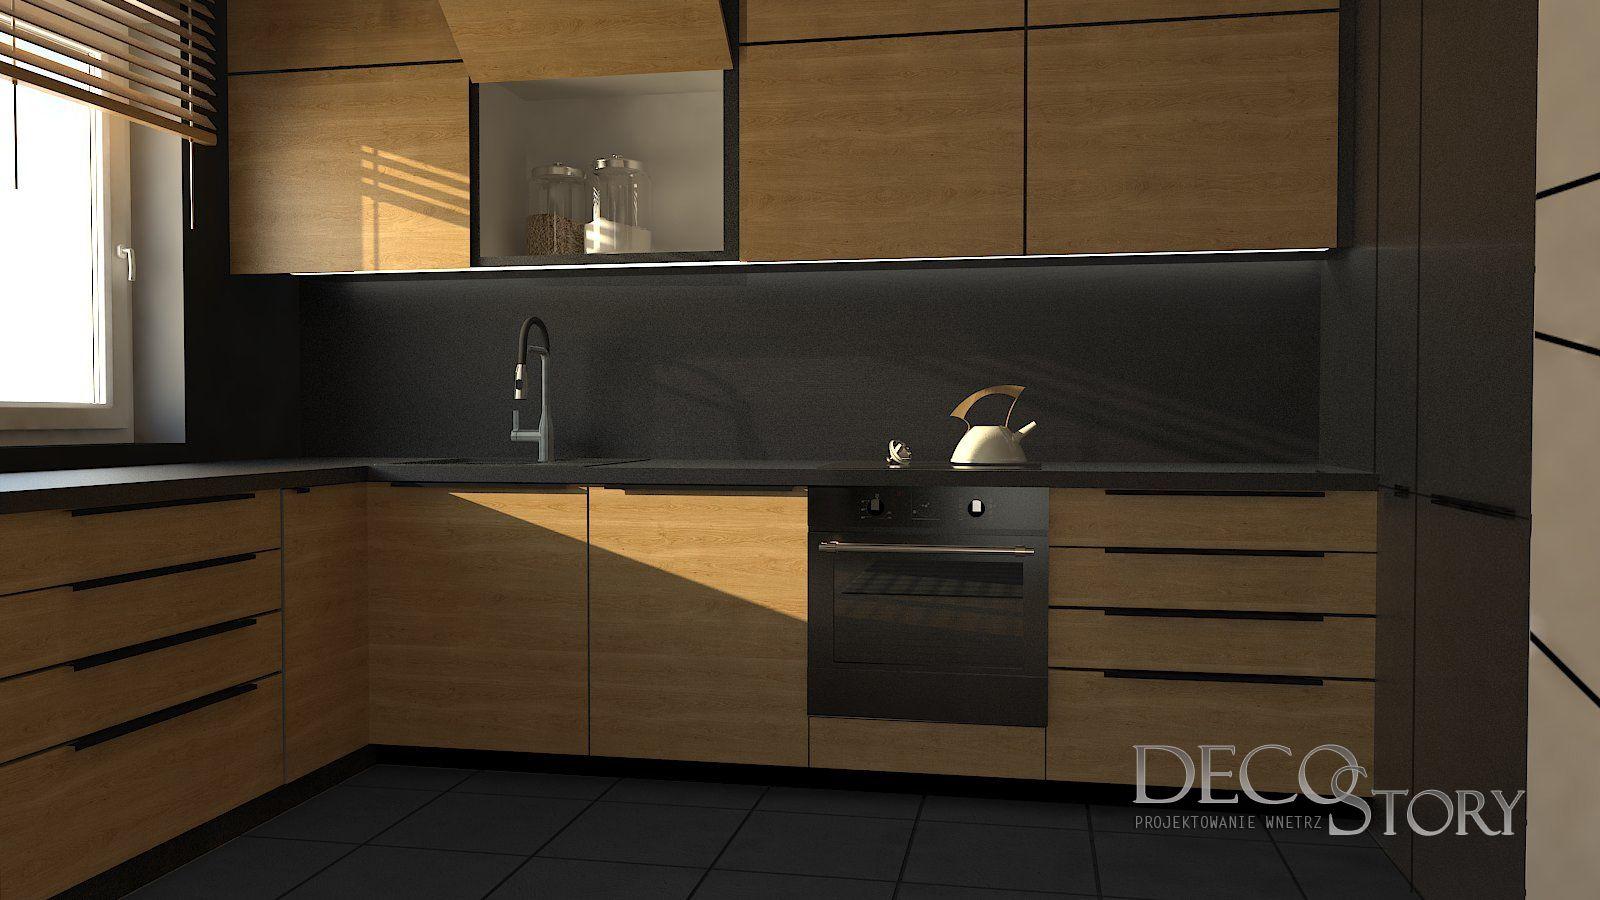 Kuchnia W Debie I Graficie Prosta Naturalna I Ponadczasowa Mieszanka Styli Minimalistyczna Kuchnia Debowa Nowoczes Wooden Kitchen Kitchen Kitchen Cabinets